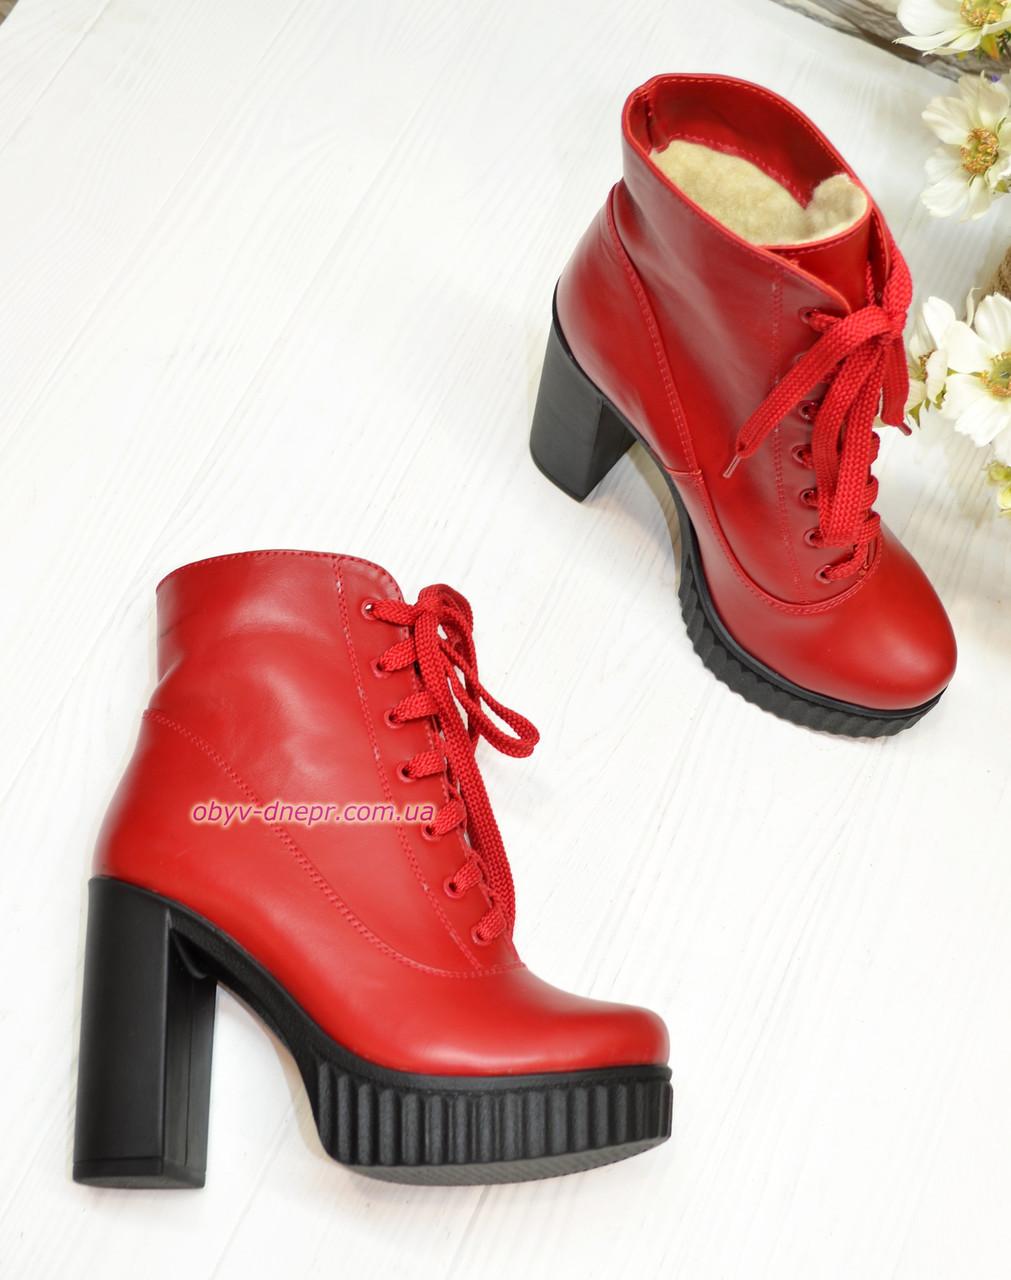 Ботильоны кожаные женские на высоком каблуке, цвет красный